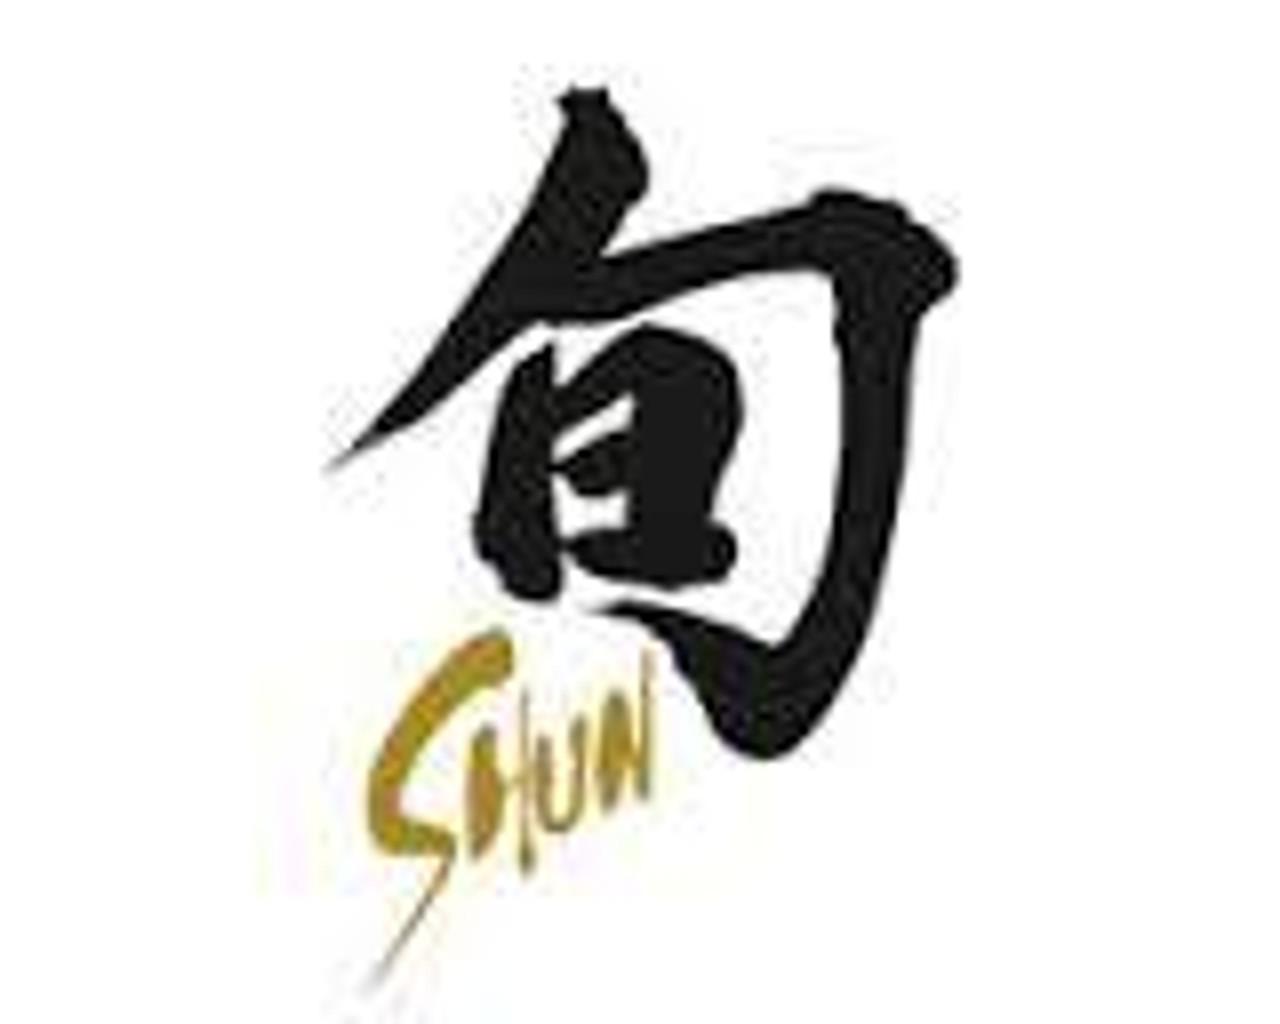 Shun Kitchen knives